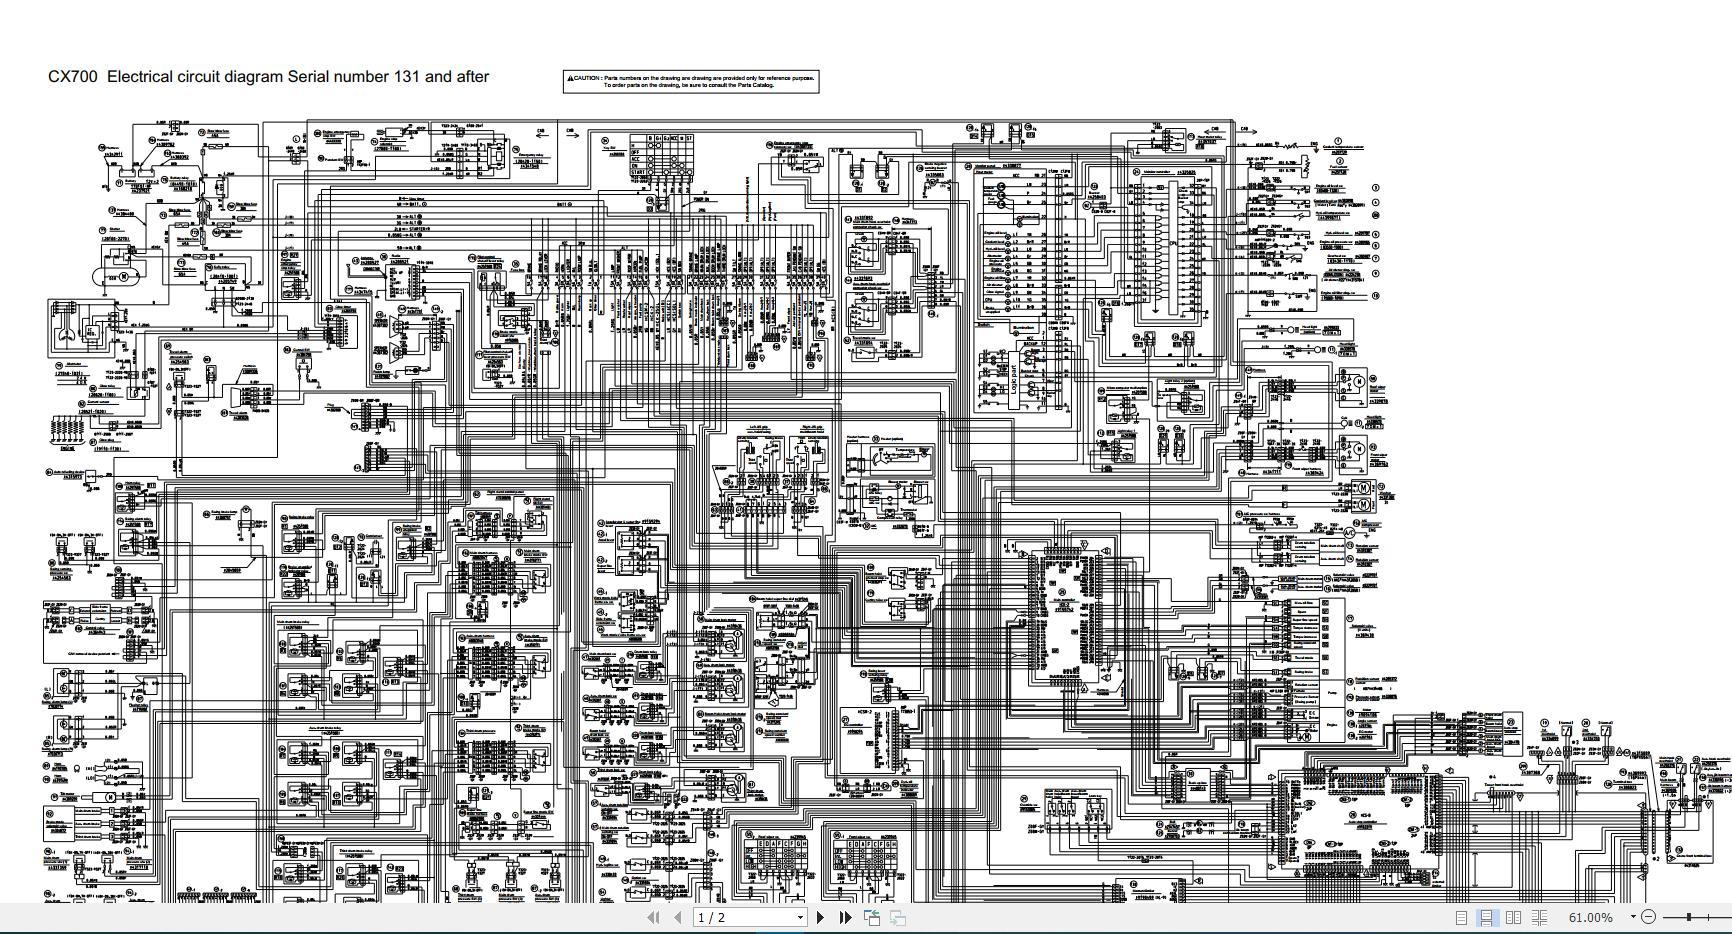 Hitachi Sumitomo Crawler Crane Scx700 Circuit Diagram